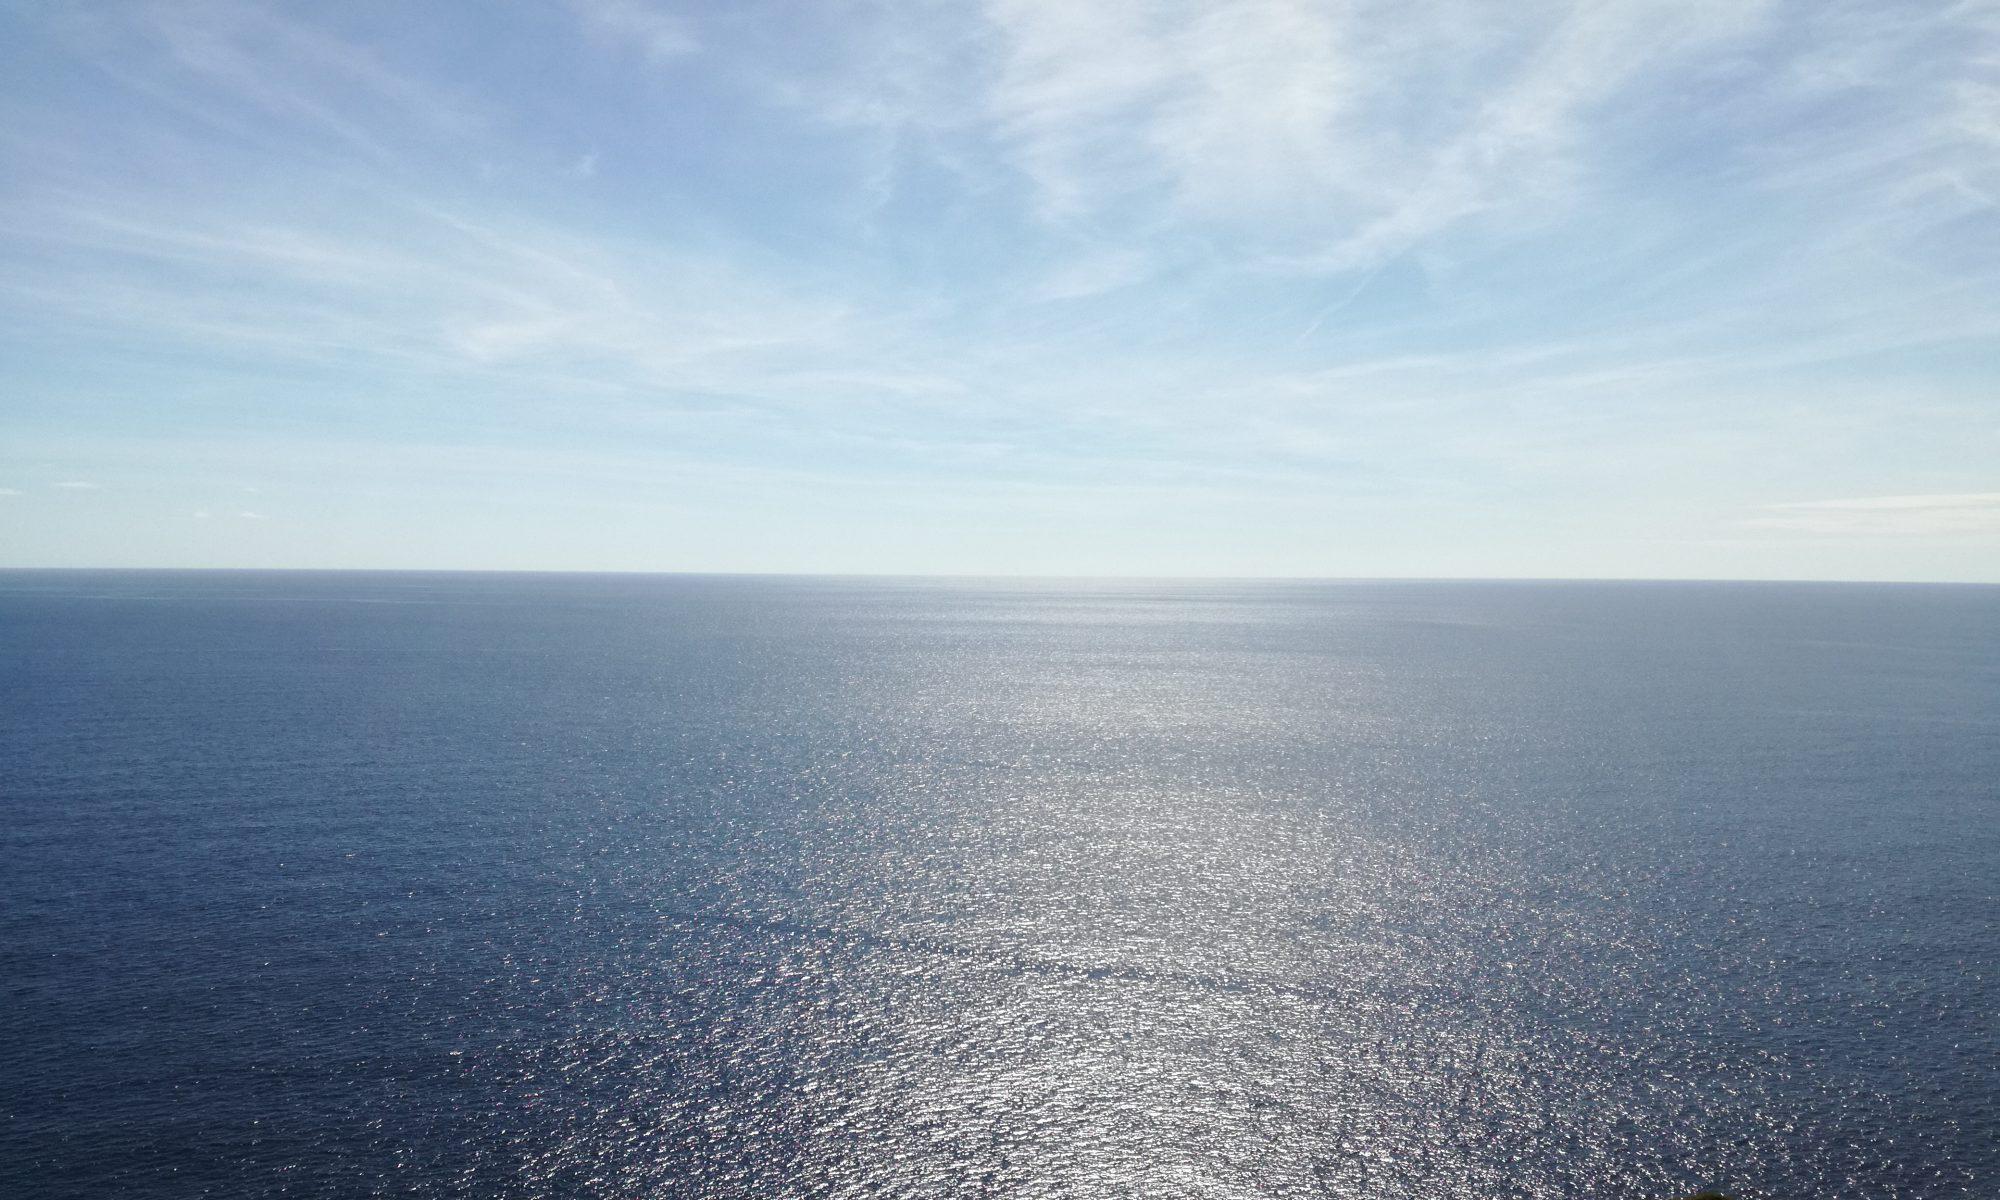 aaha-sailing